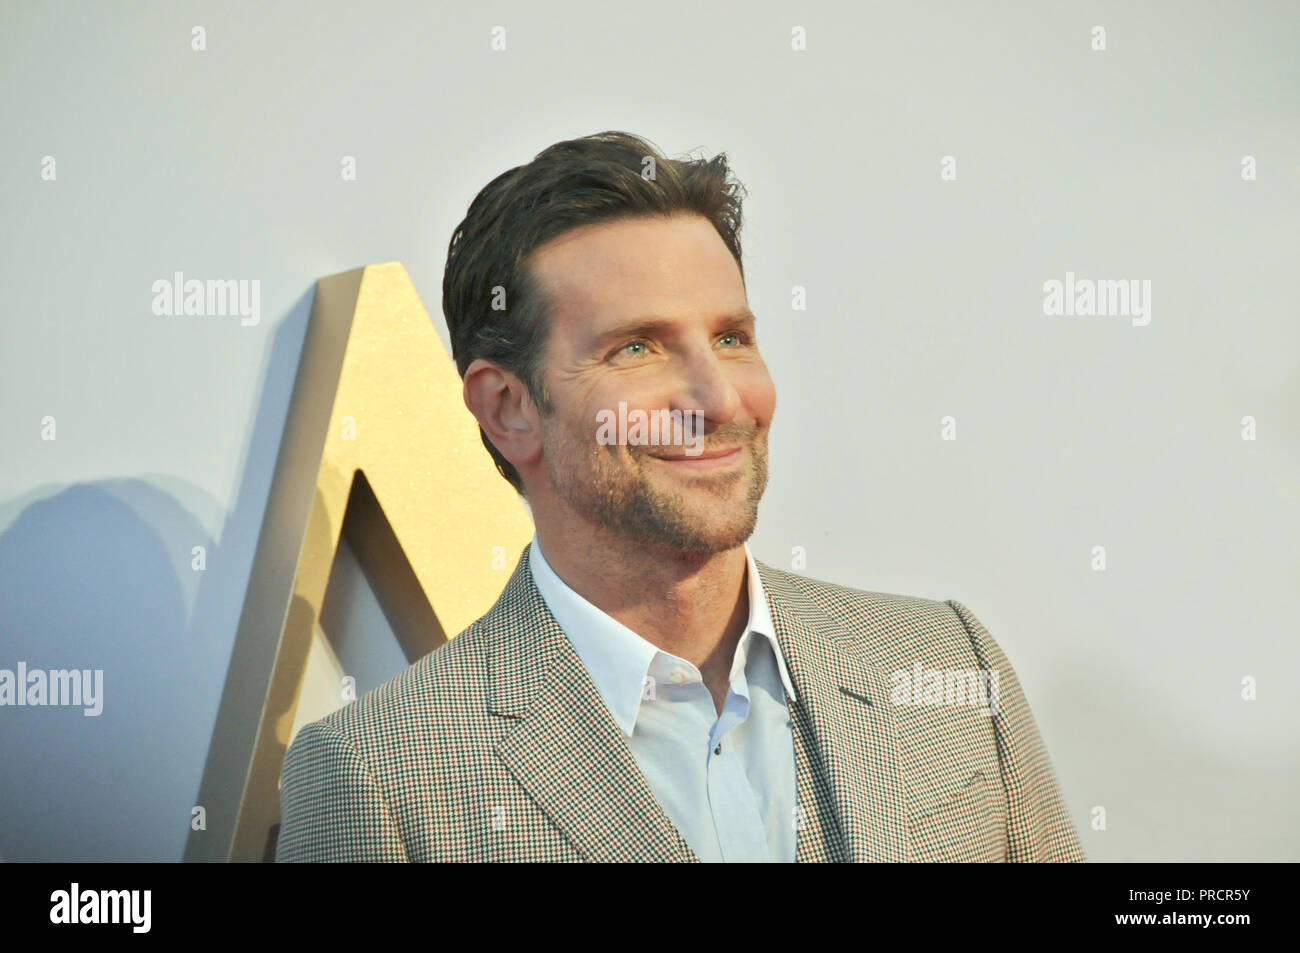 Actor, productor y director de ha nacido una estrella, Bradley Cooper, en el London Film estreno de su película. Foto de stock